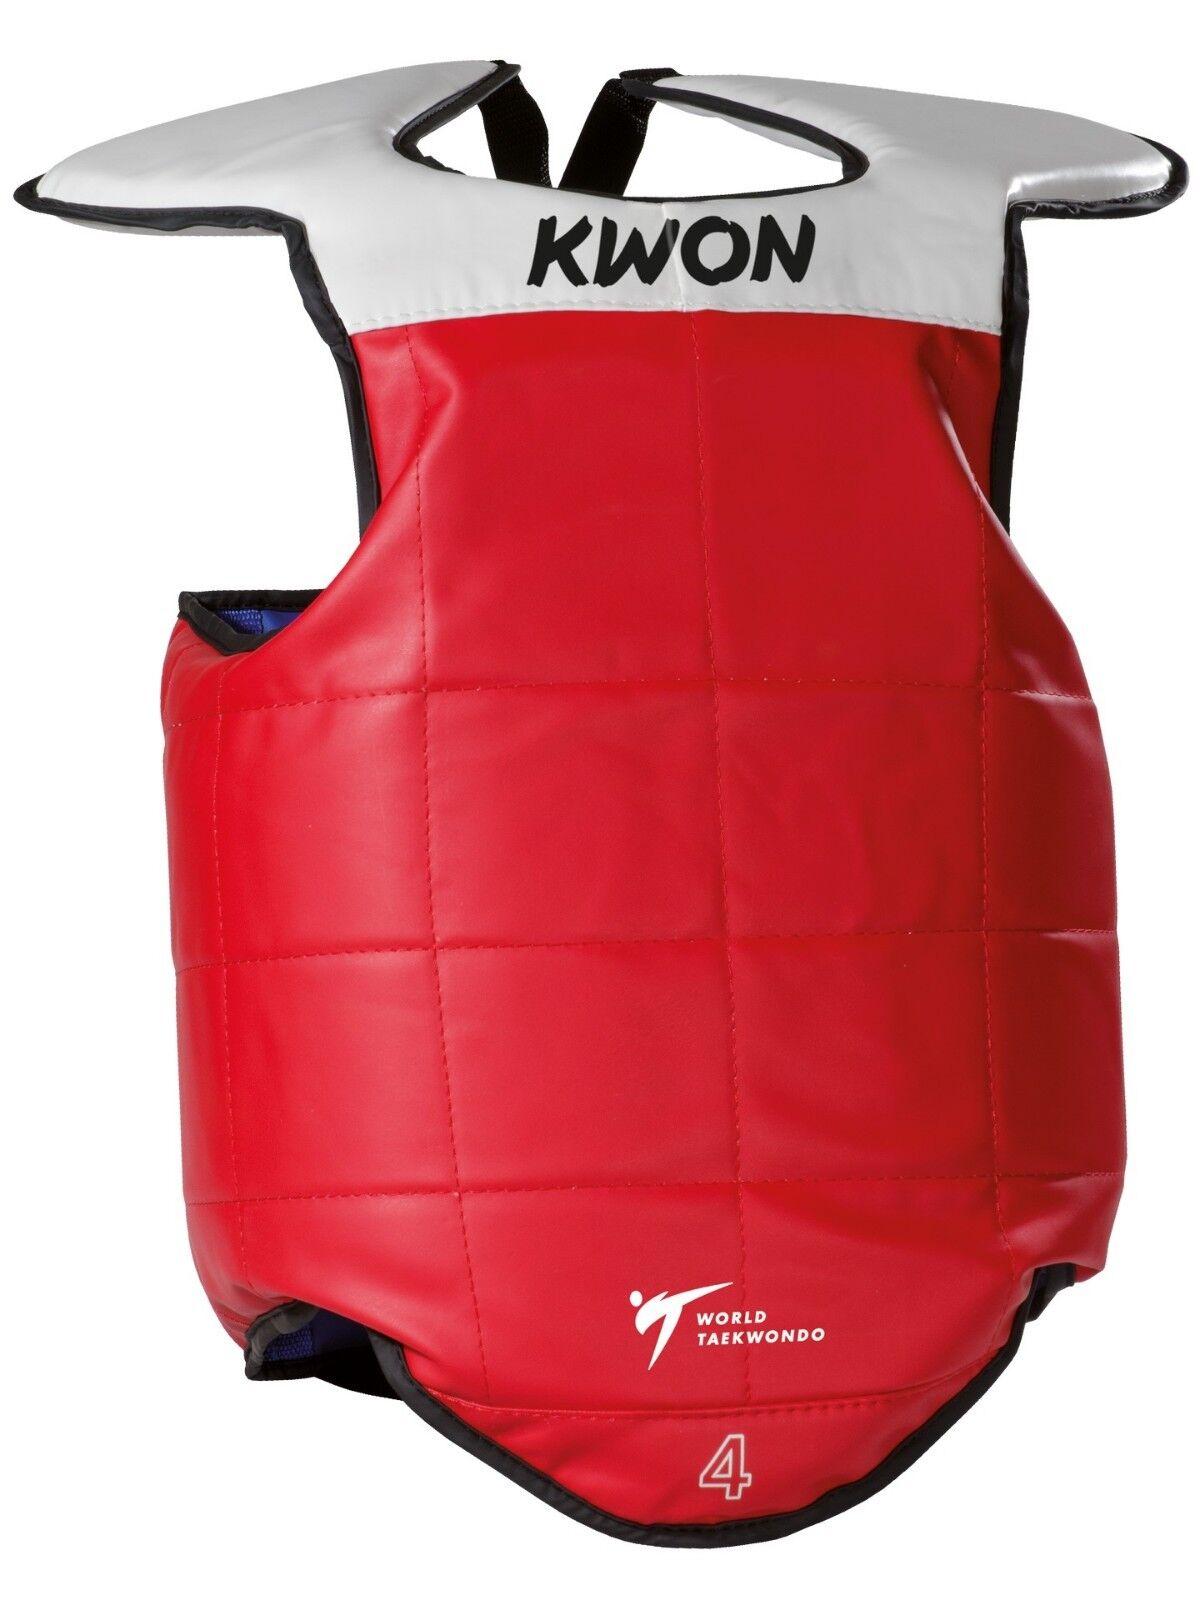 Wende Weste von Kwon, Kwon, Kwon, blau rot. Anerkannt von der WTF. Taekwondo, Kampfsport 8f340d